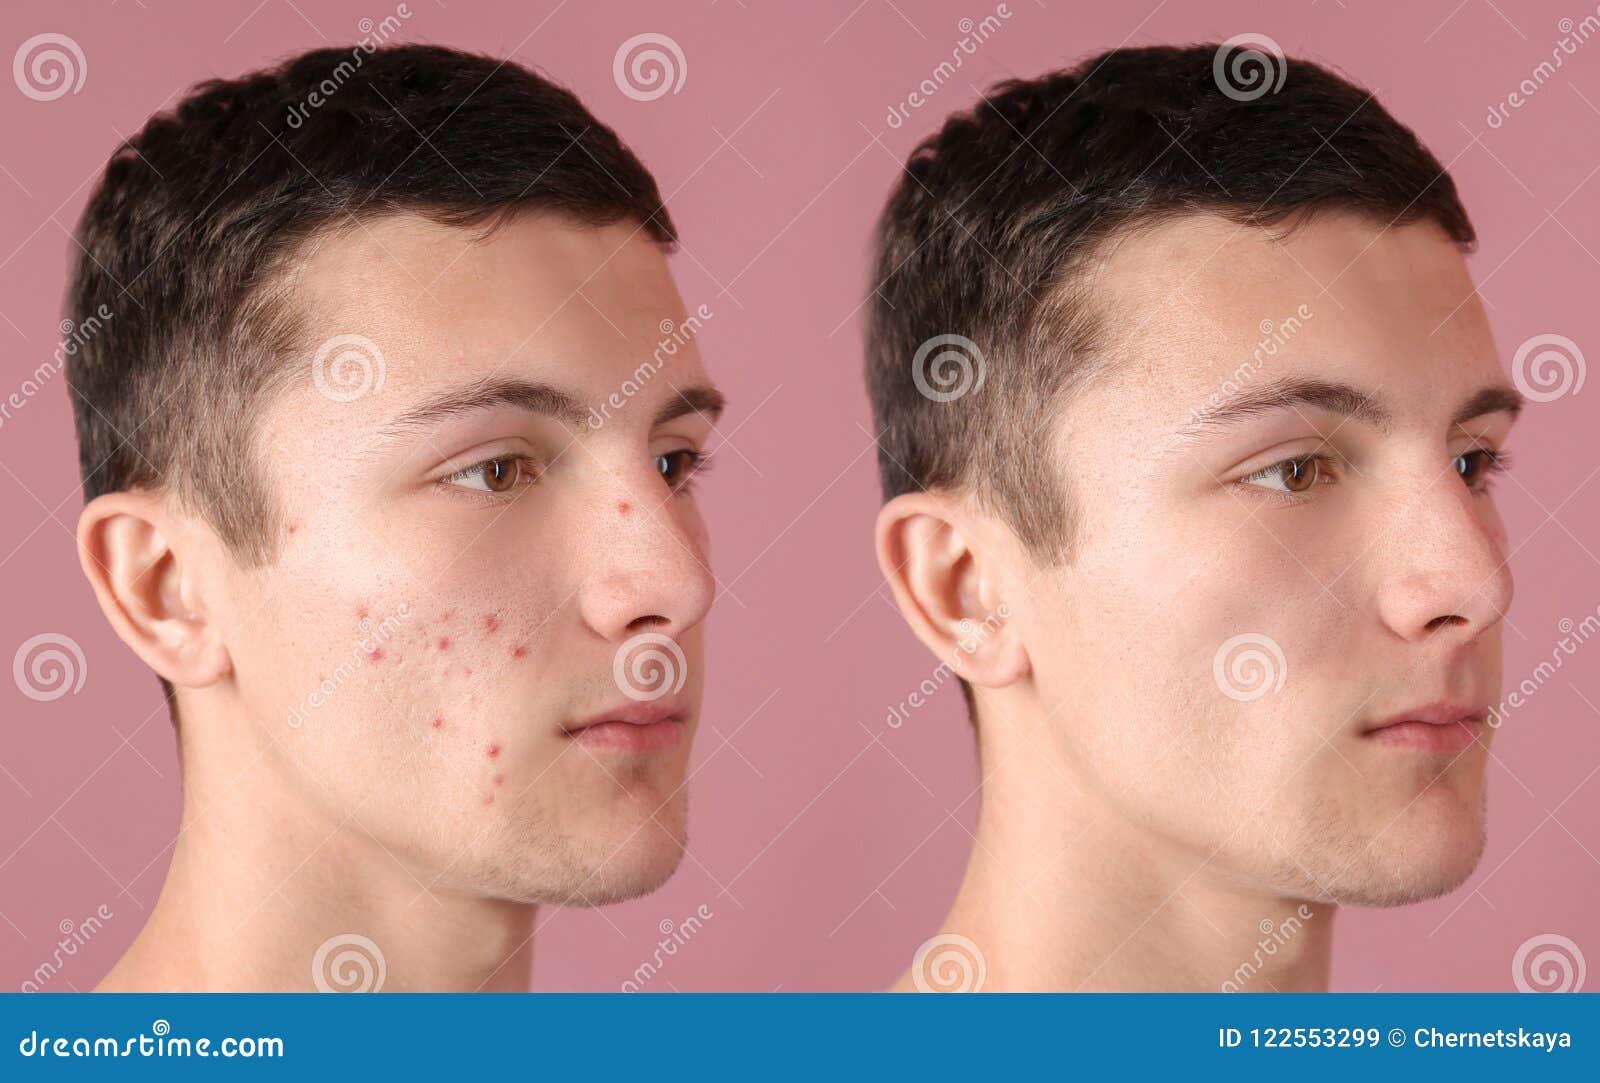 Έφηβος πριν και μετά από την επεξεργασία ακμής